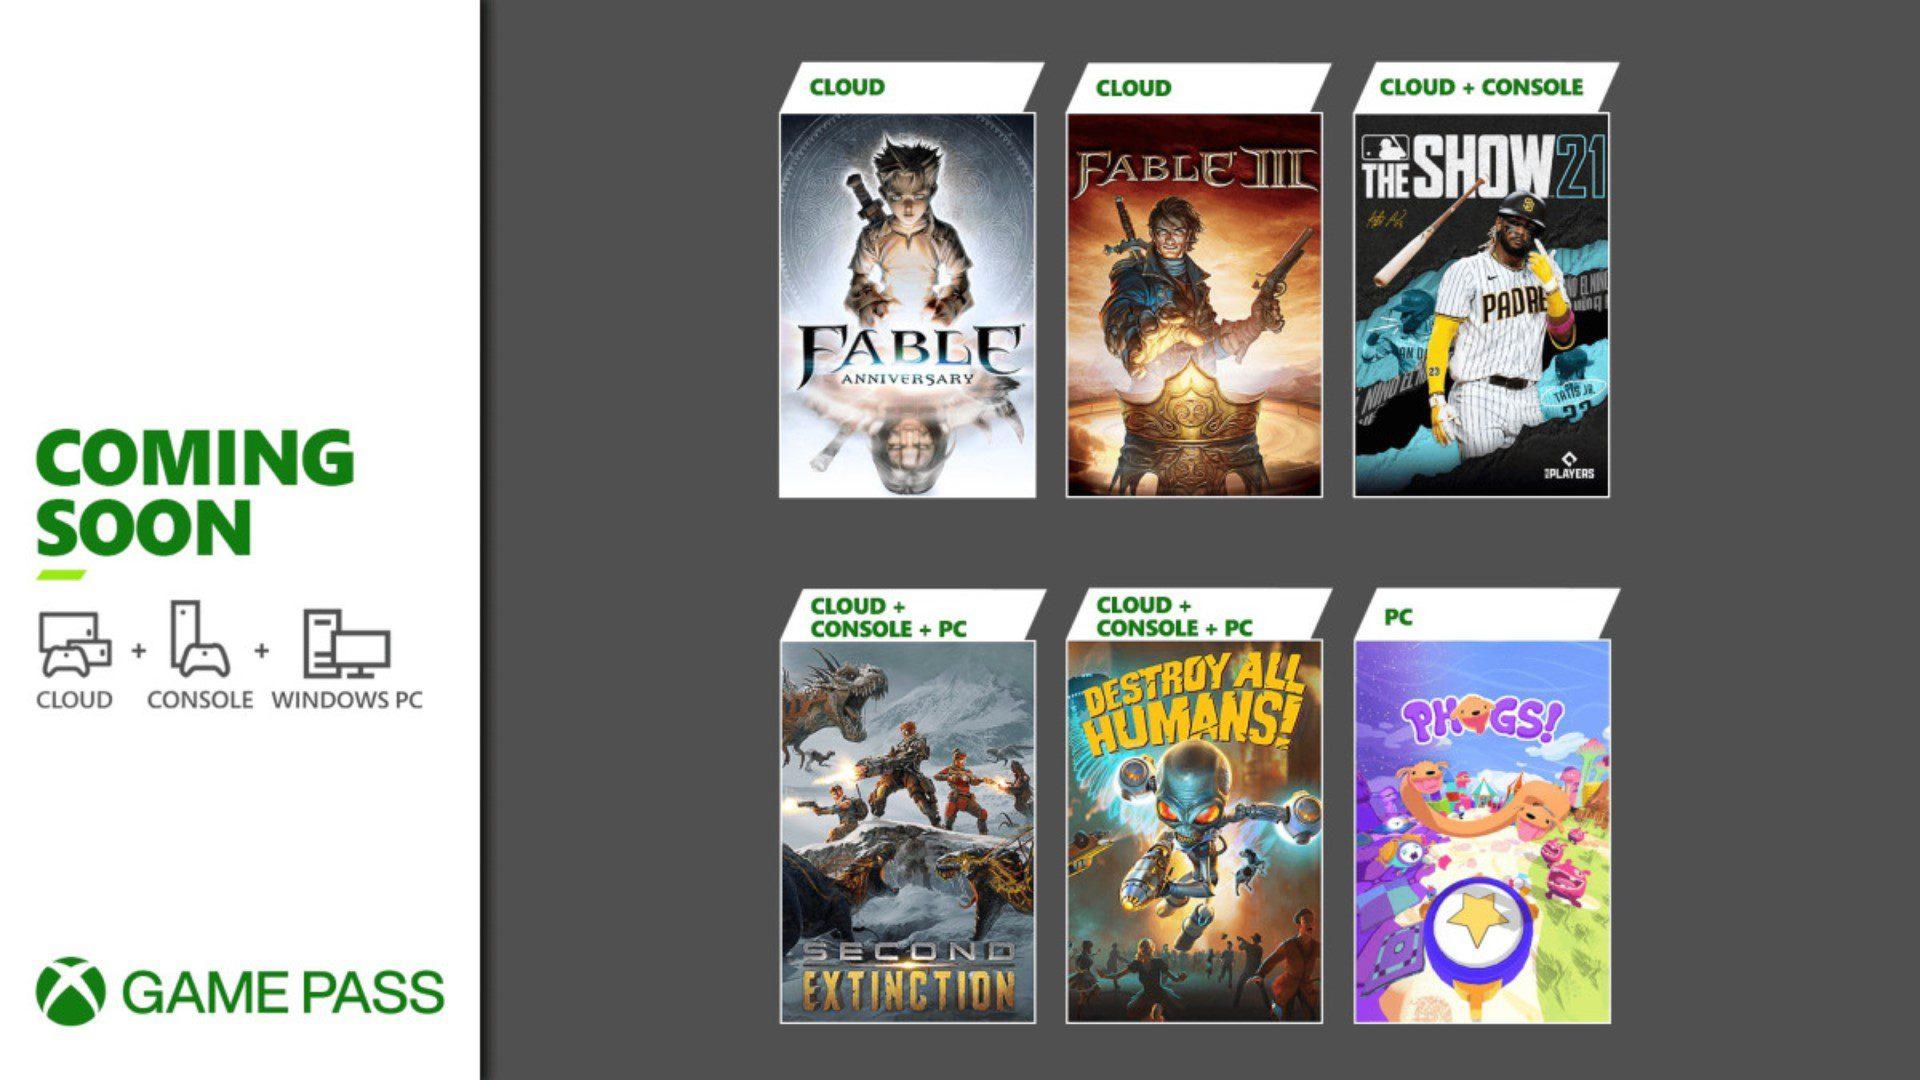 Desvelados los nuevos títulos del Xbox Game Pass para la segunda mitad de abril - Ya conocemos los próximos títulos que llegarán a Xbox Game Pass en la segunda mitad del mes de abril para nuestras consolas Xbox, PC y Android.